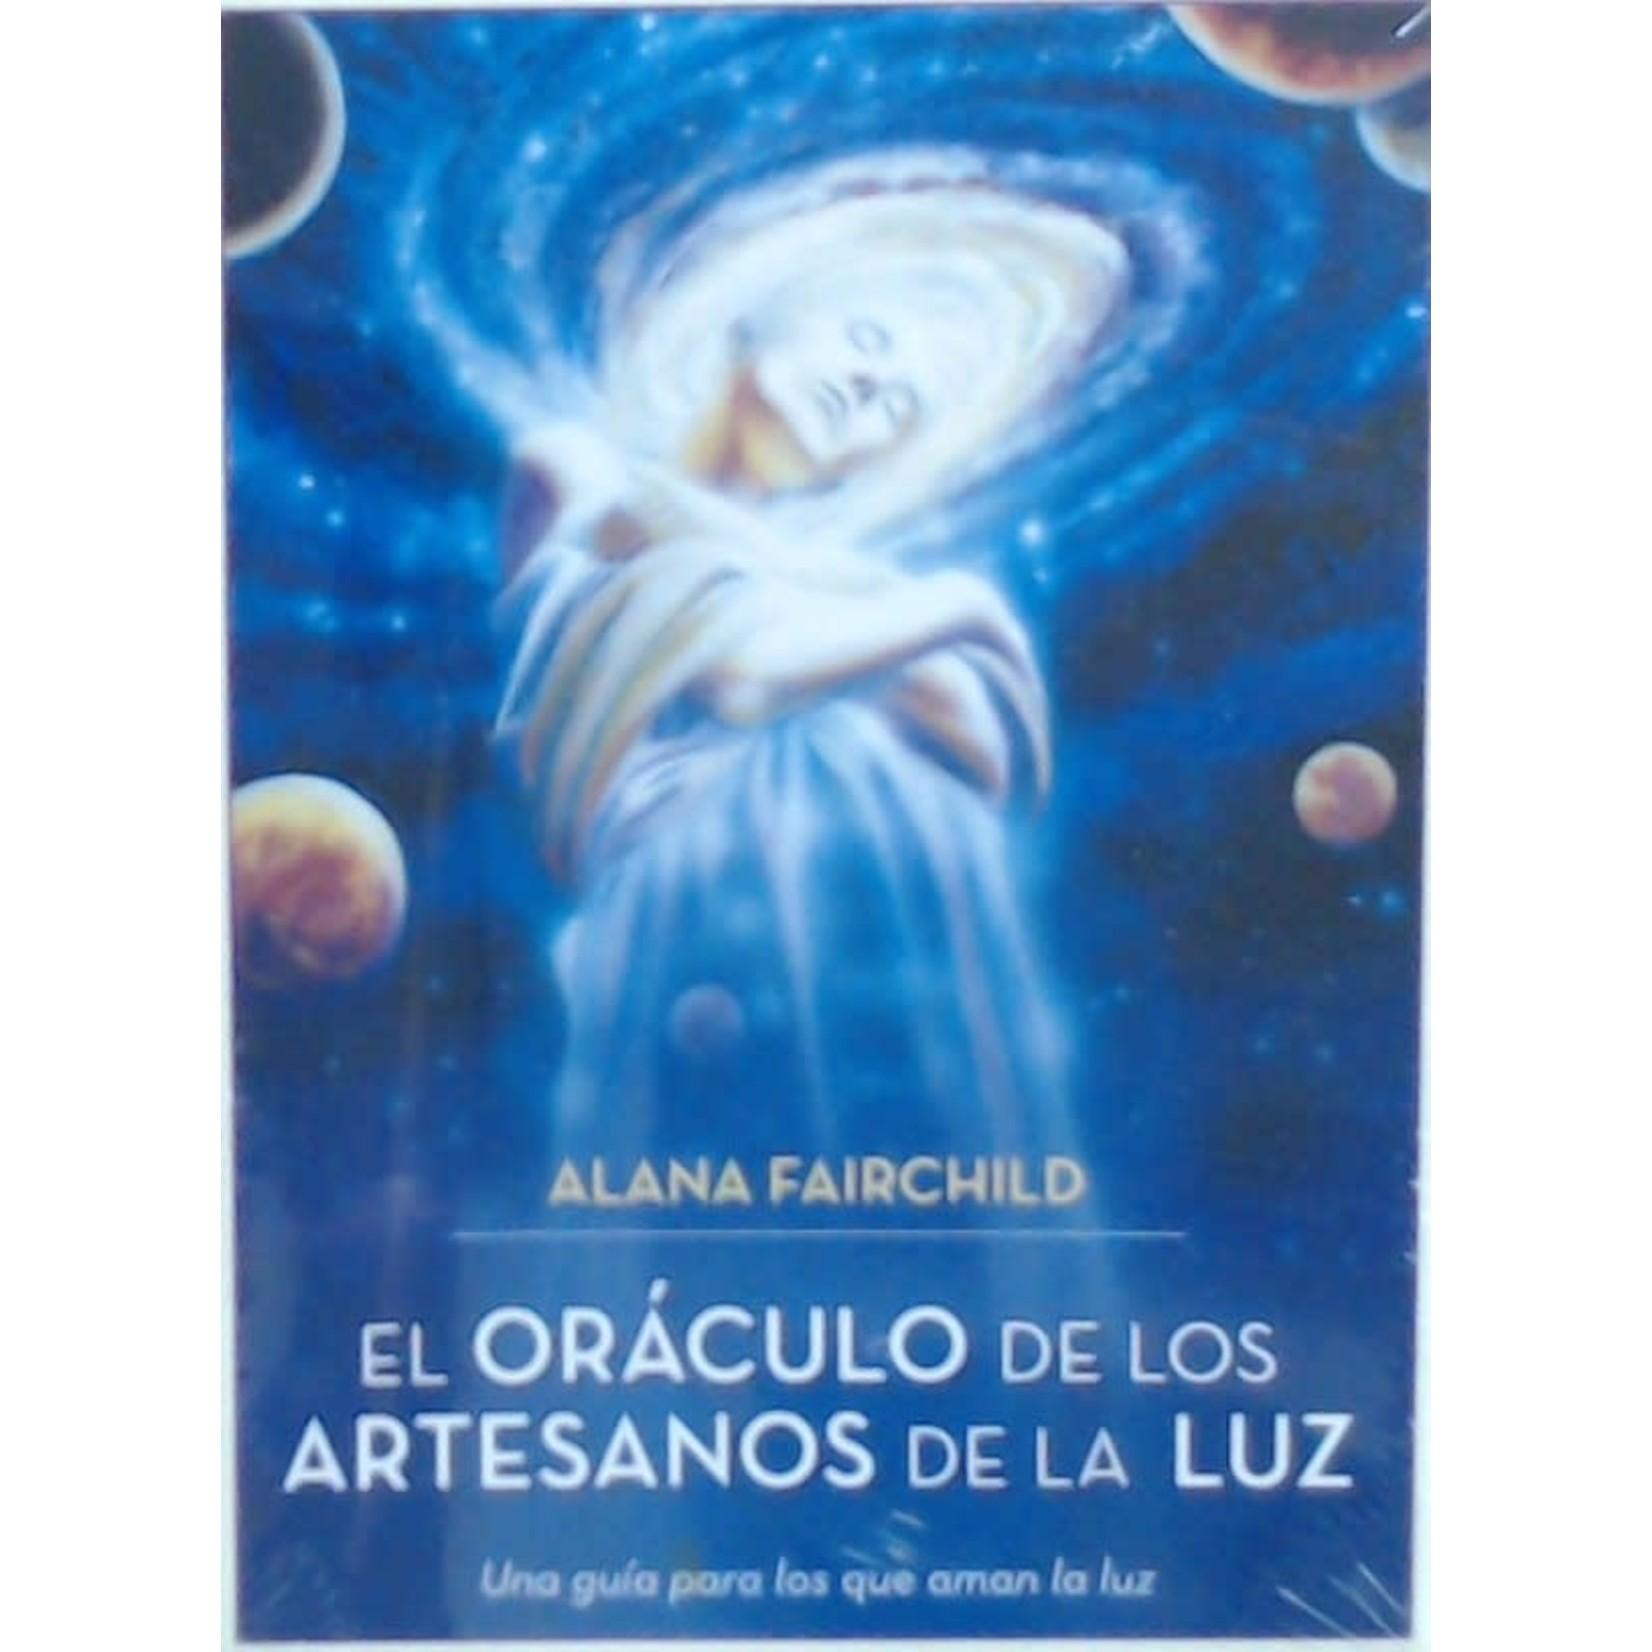 ORACULO DE LOS ARTESANOS DE LA LUZ